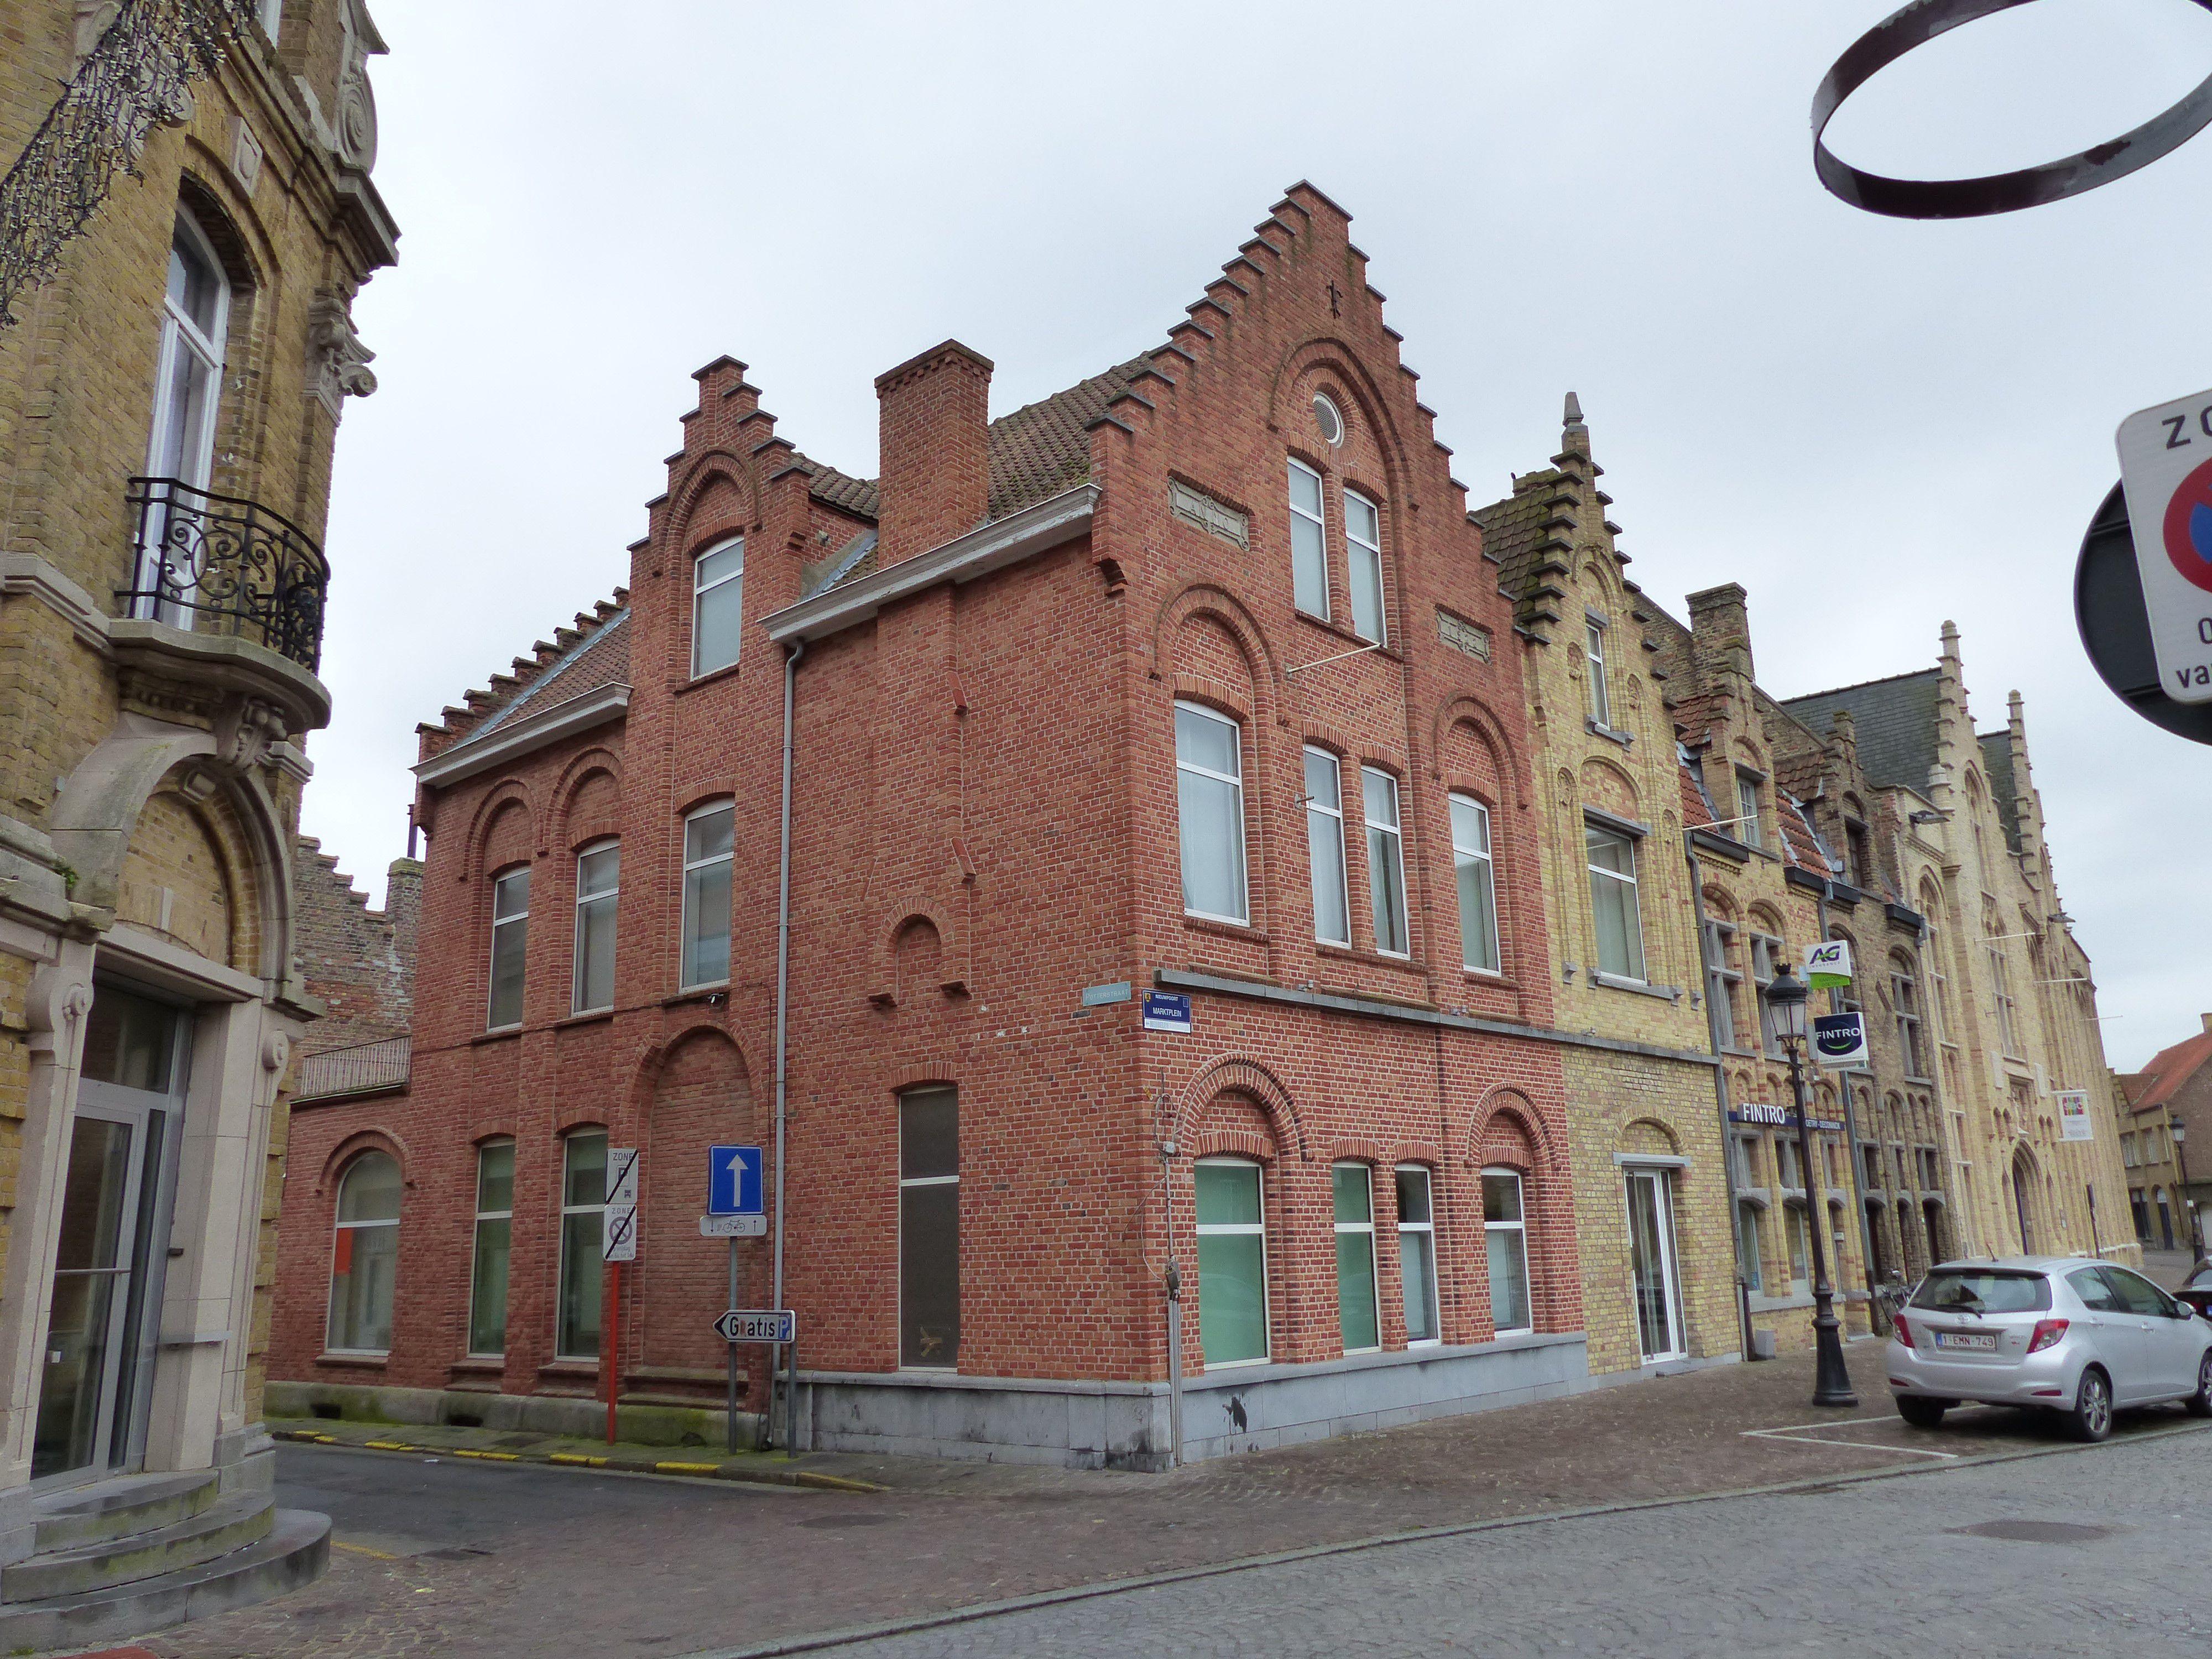 Appartement 3 slaapkamers te koop Marktplein Nieuwpoort